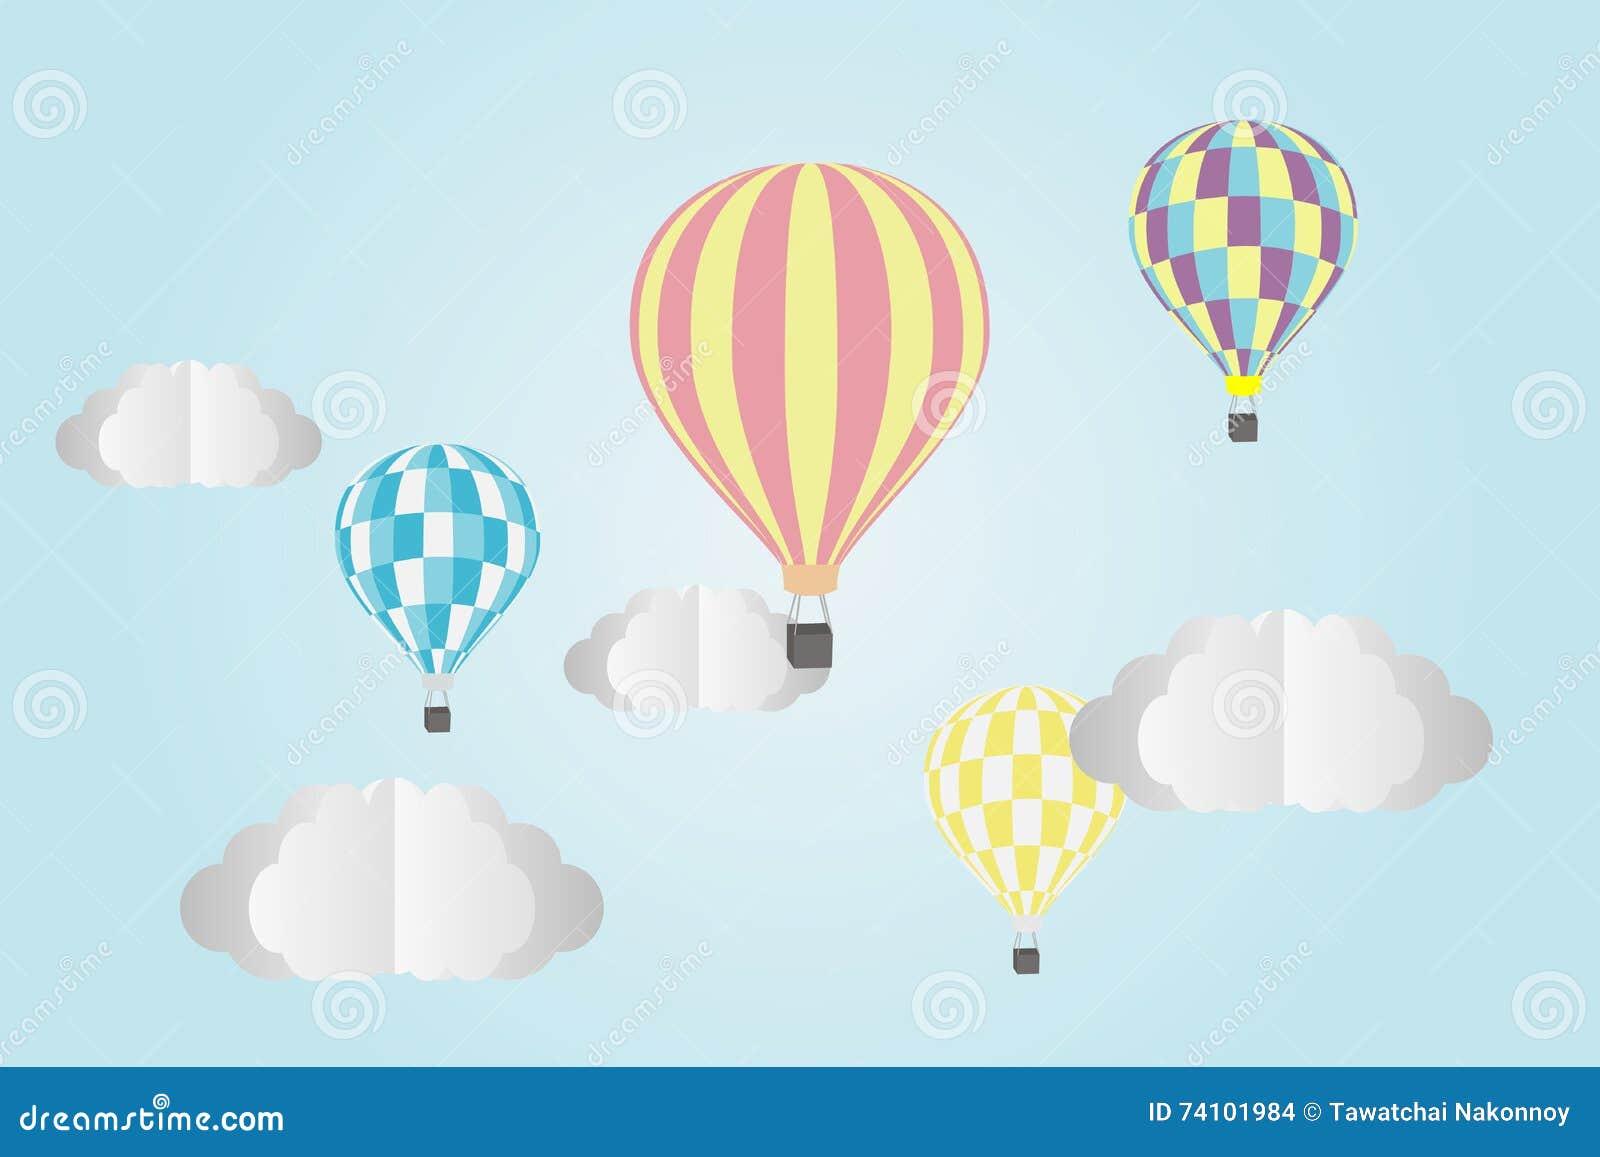 Le ballon à air chaud photgrphed chez le Bealton, fête aérienne de cirque de vol de VA